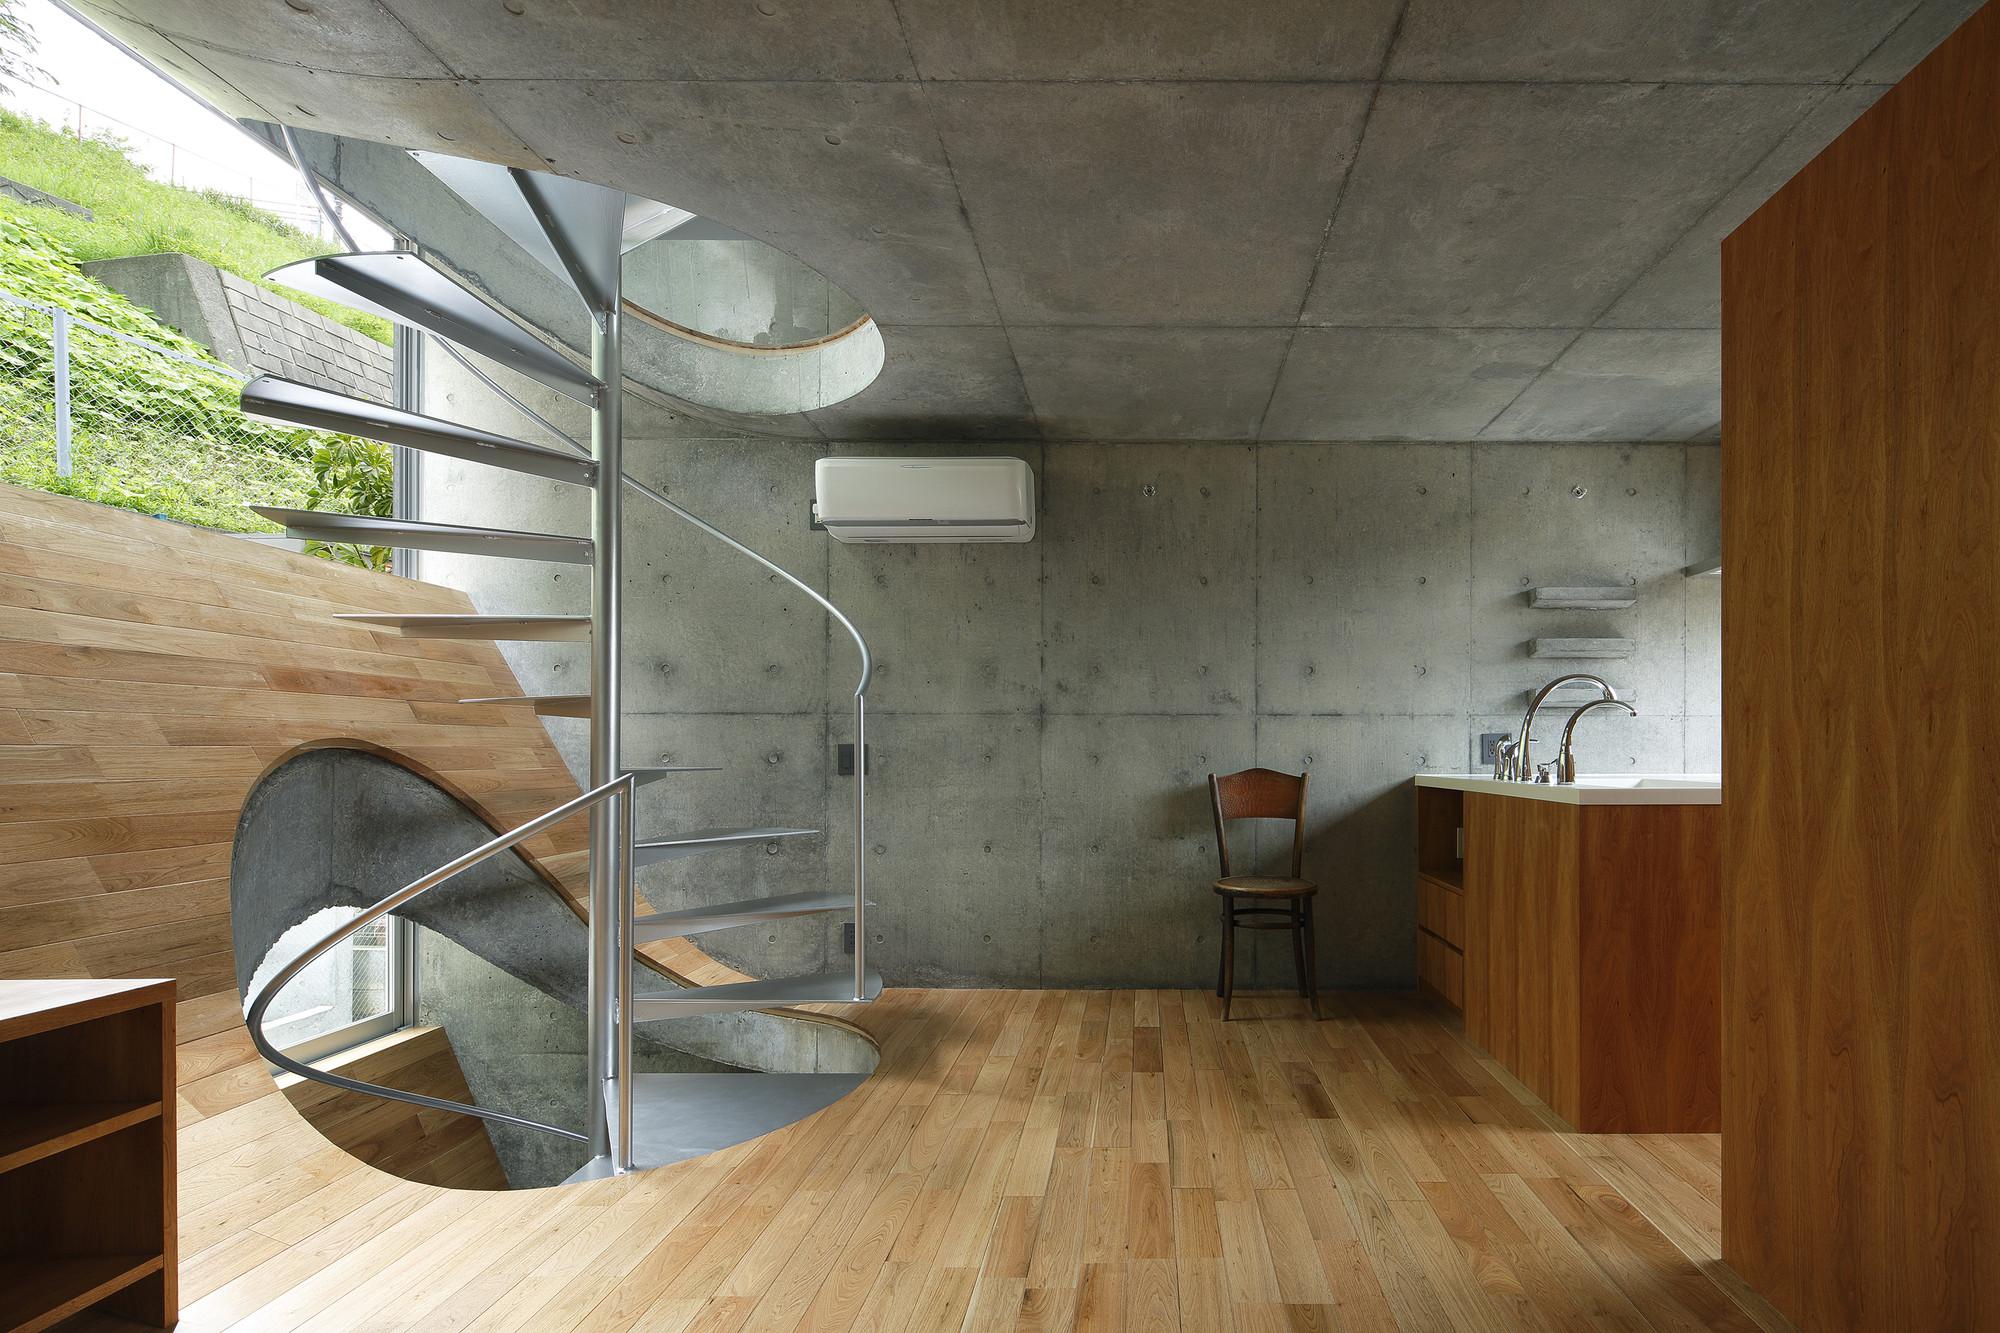 Casa em Byoubugaura / Takeshi Hosaka, © Koji Fujii / Nacasa&Partners